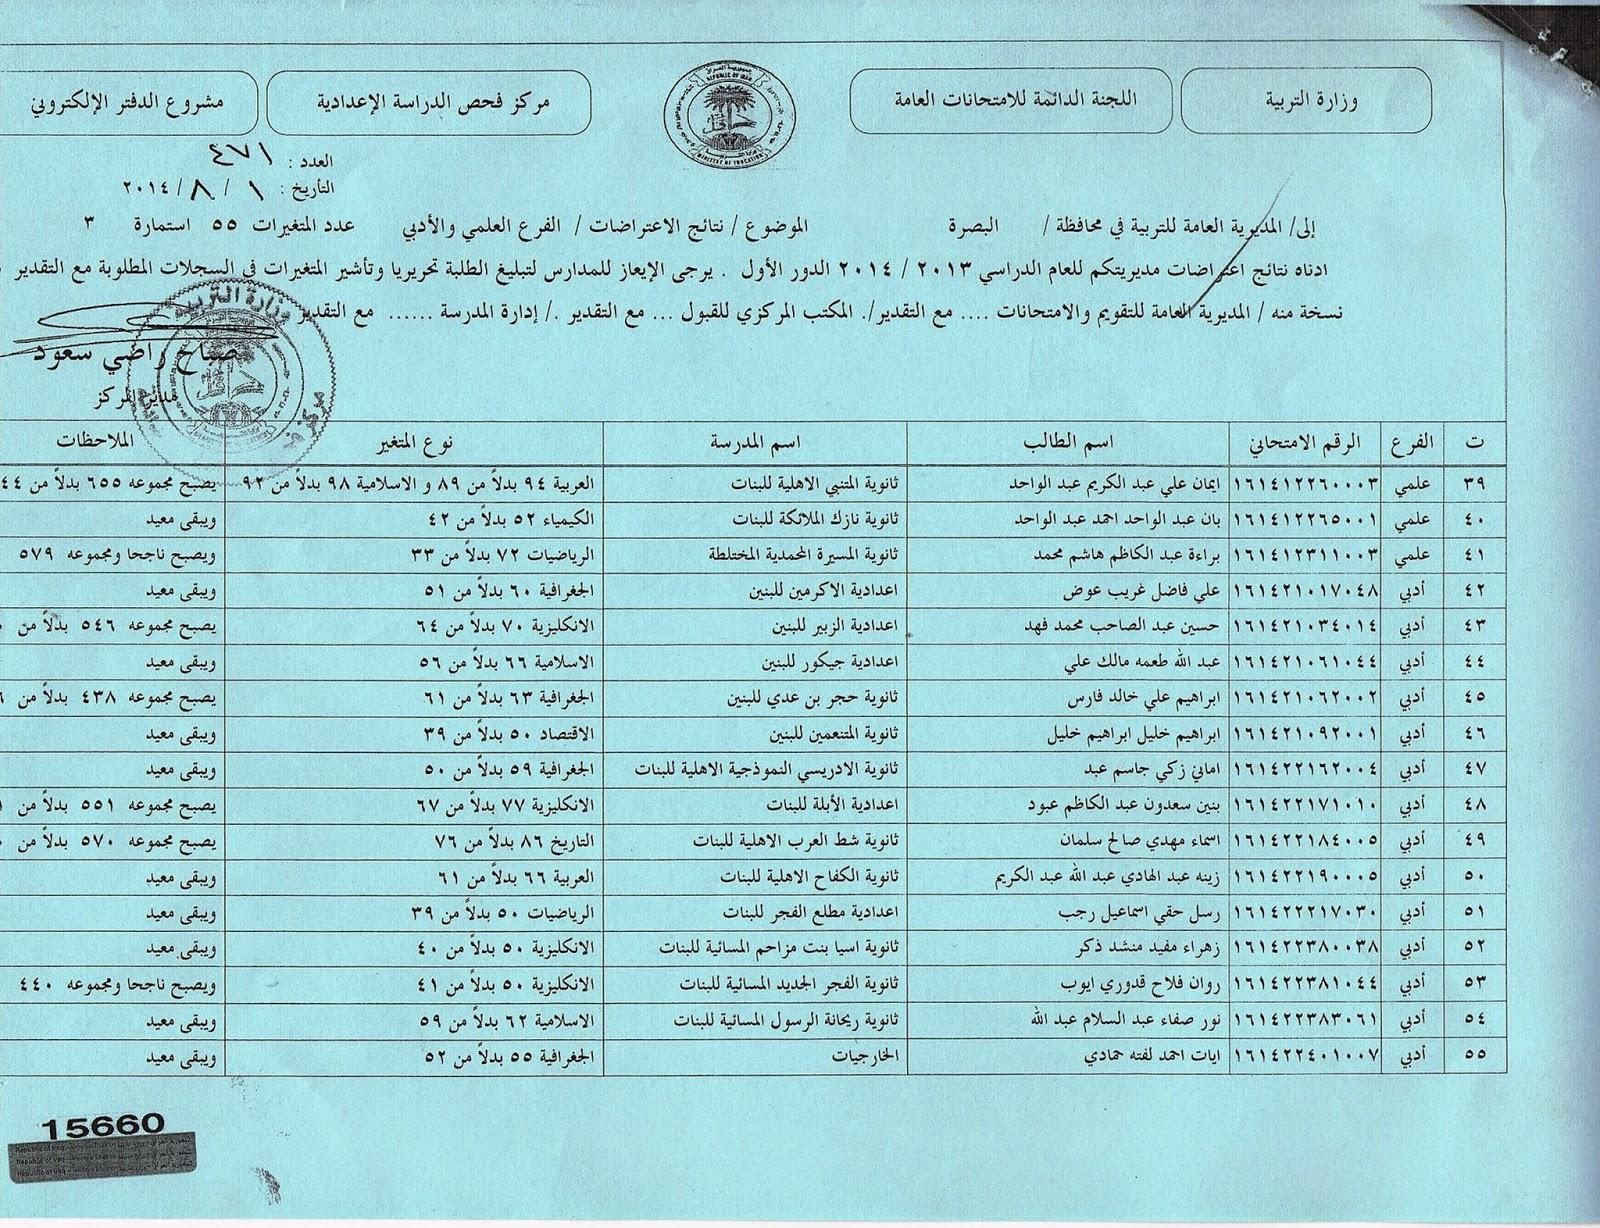 نتائج اعتراضات السادس العلمي و الادبي محافظة البصرة 2014  10544759_275130416007029_862611655710069872_o